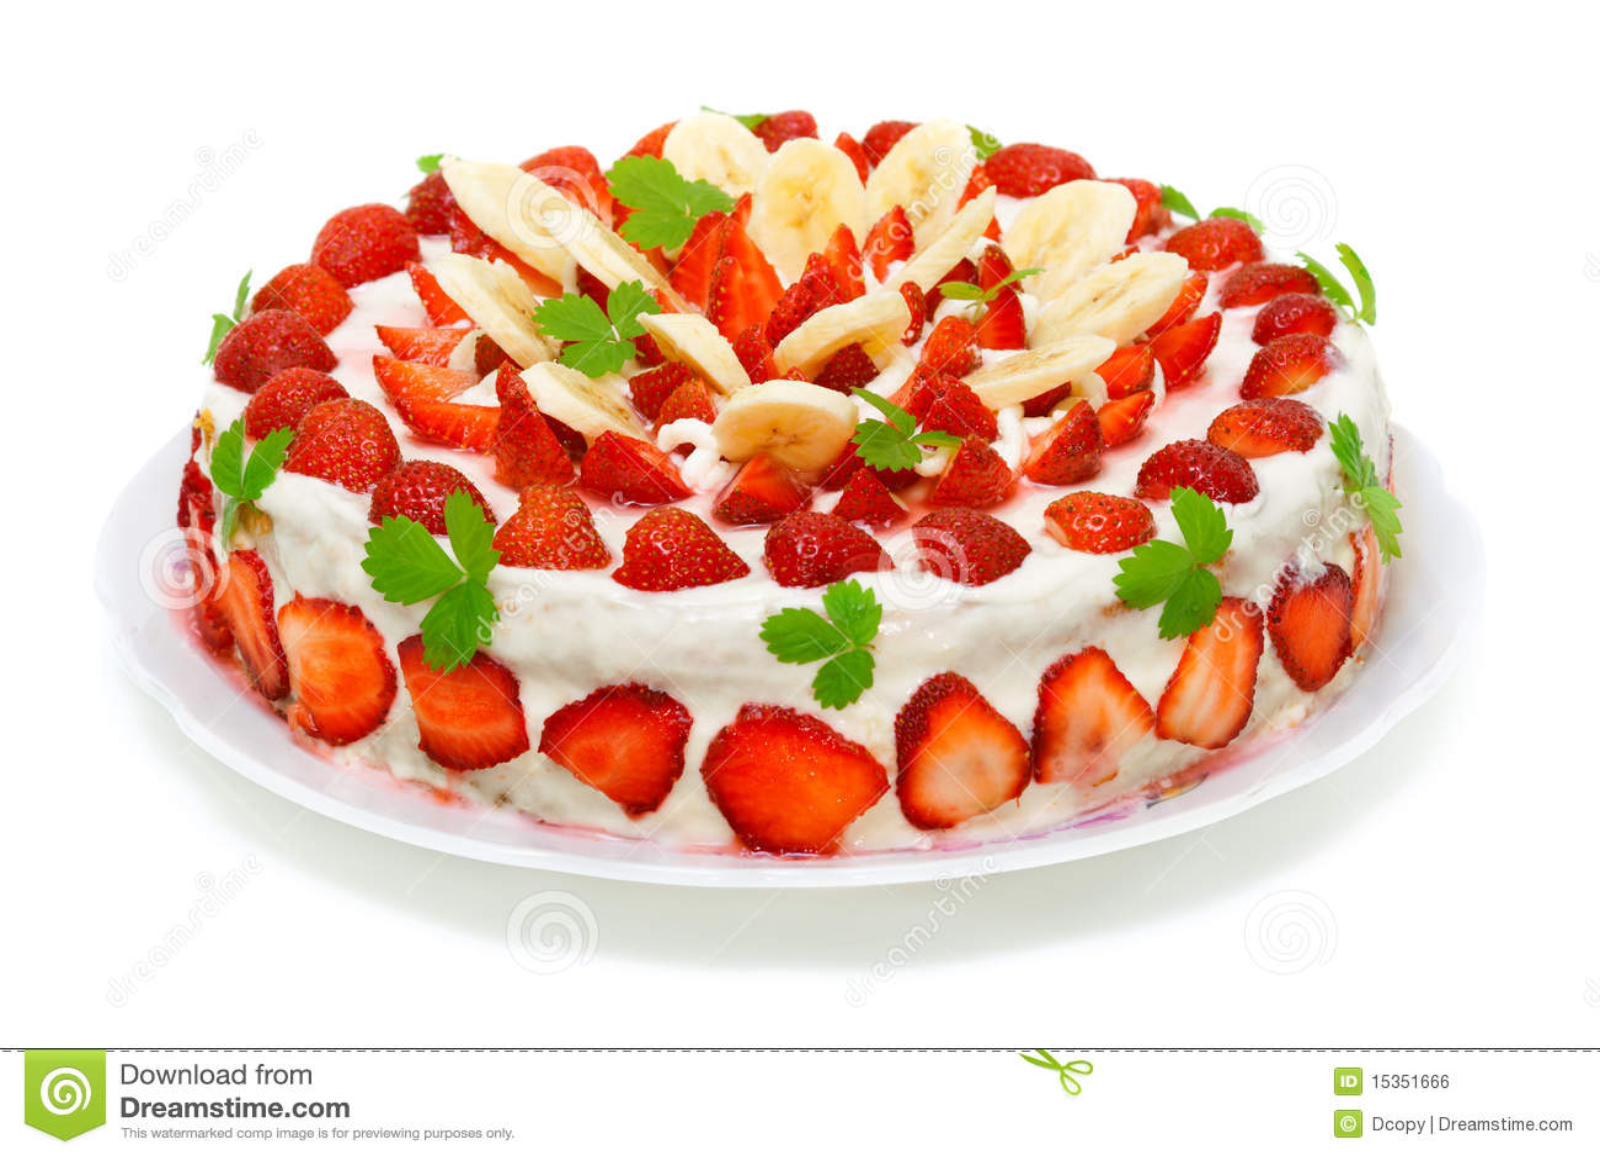 Beautiful Fruit Cake Images : Beautiful Decorated Fruit Cake Stock Photo - Image: 15351666